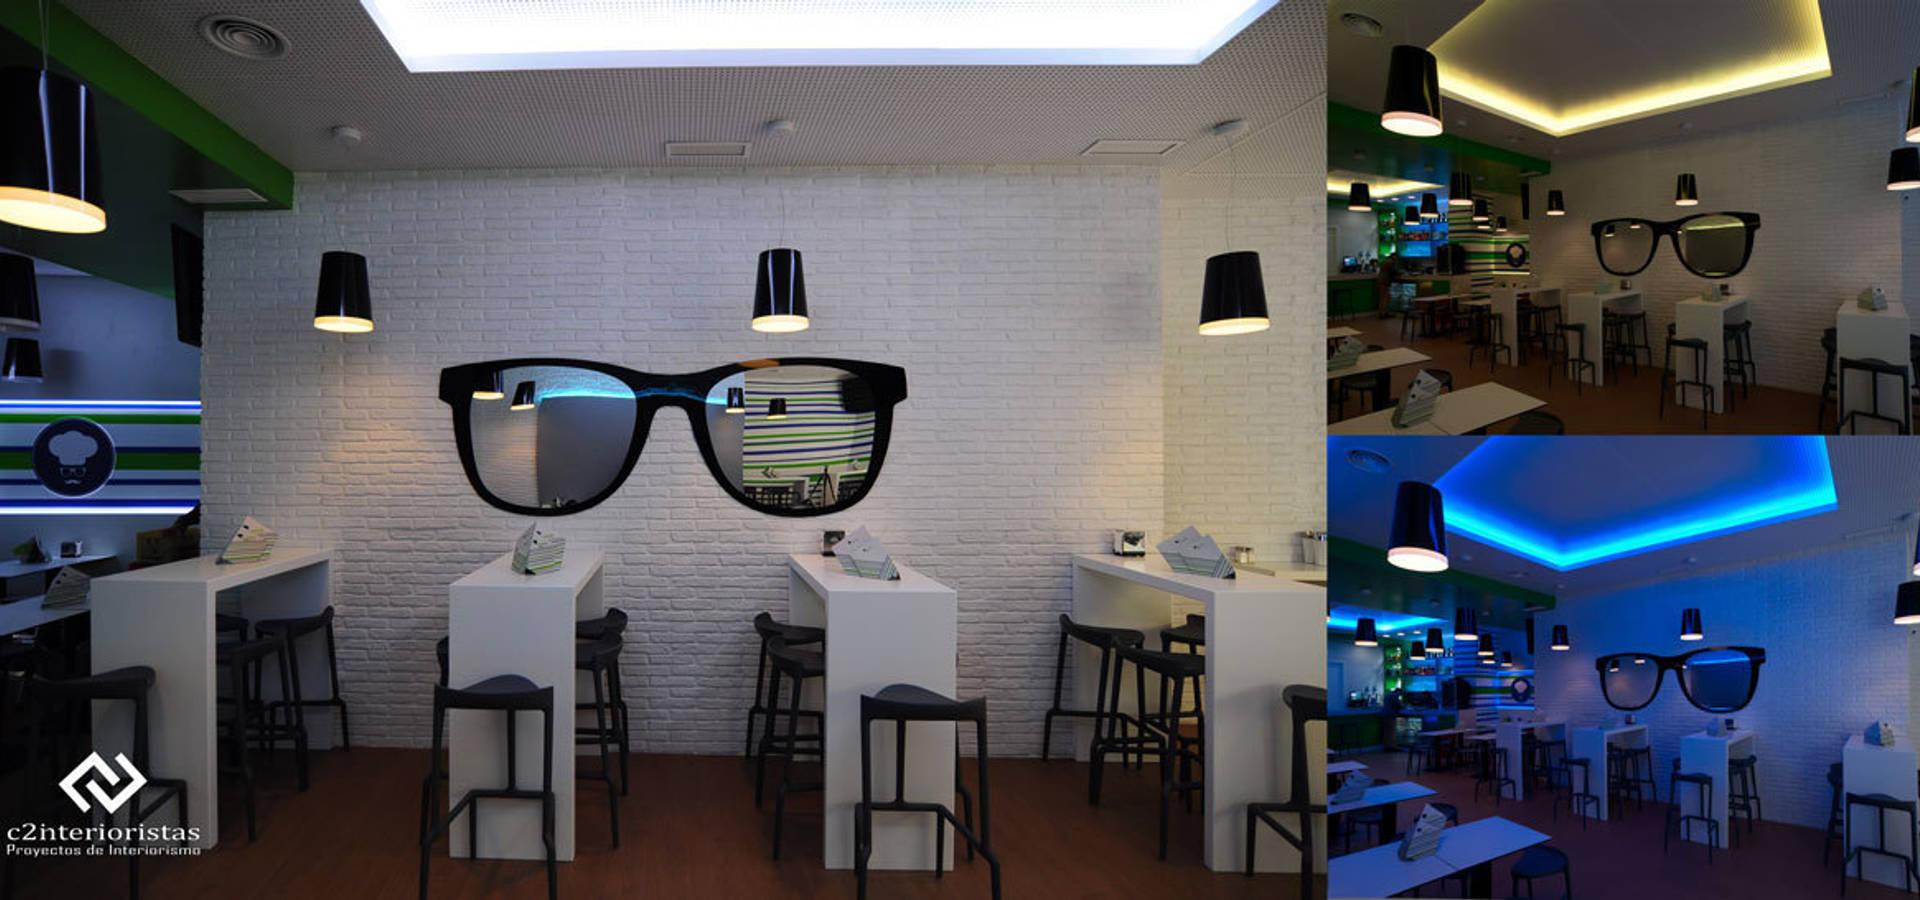 C2interioristas decoradores y dise adores de interiores - Diseno de interiores malaga ...